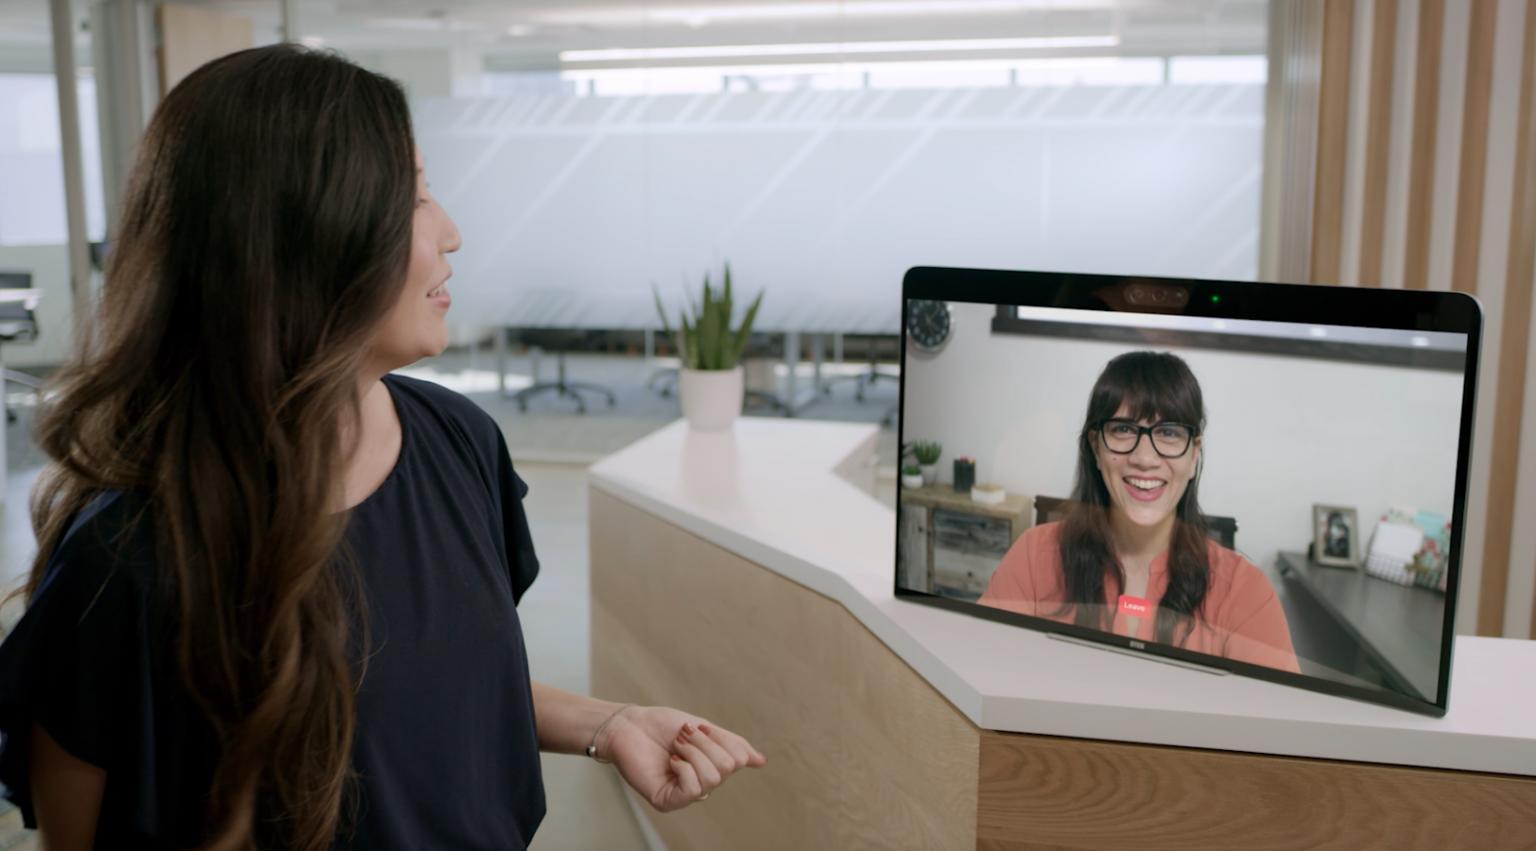 vymeet云视频会议,云视频+业务,灵活高效的解决方案 第2张